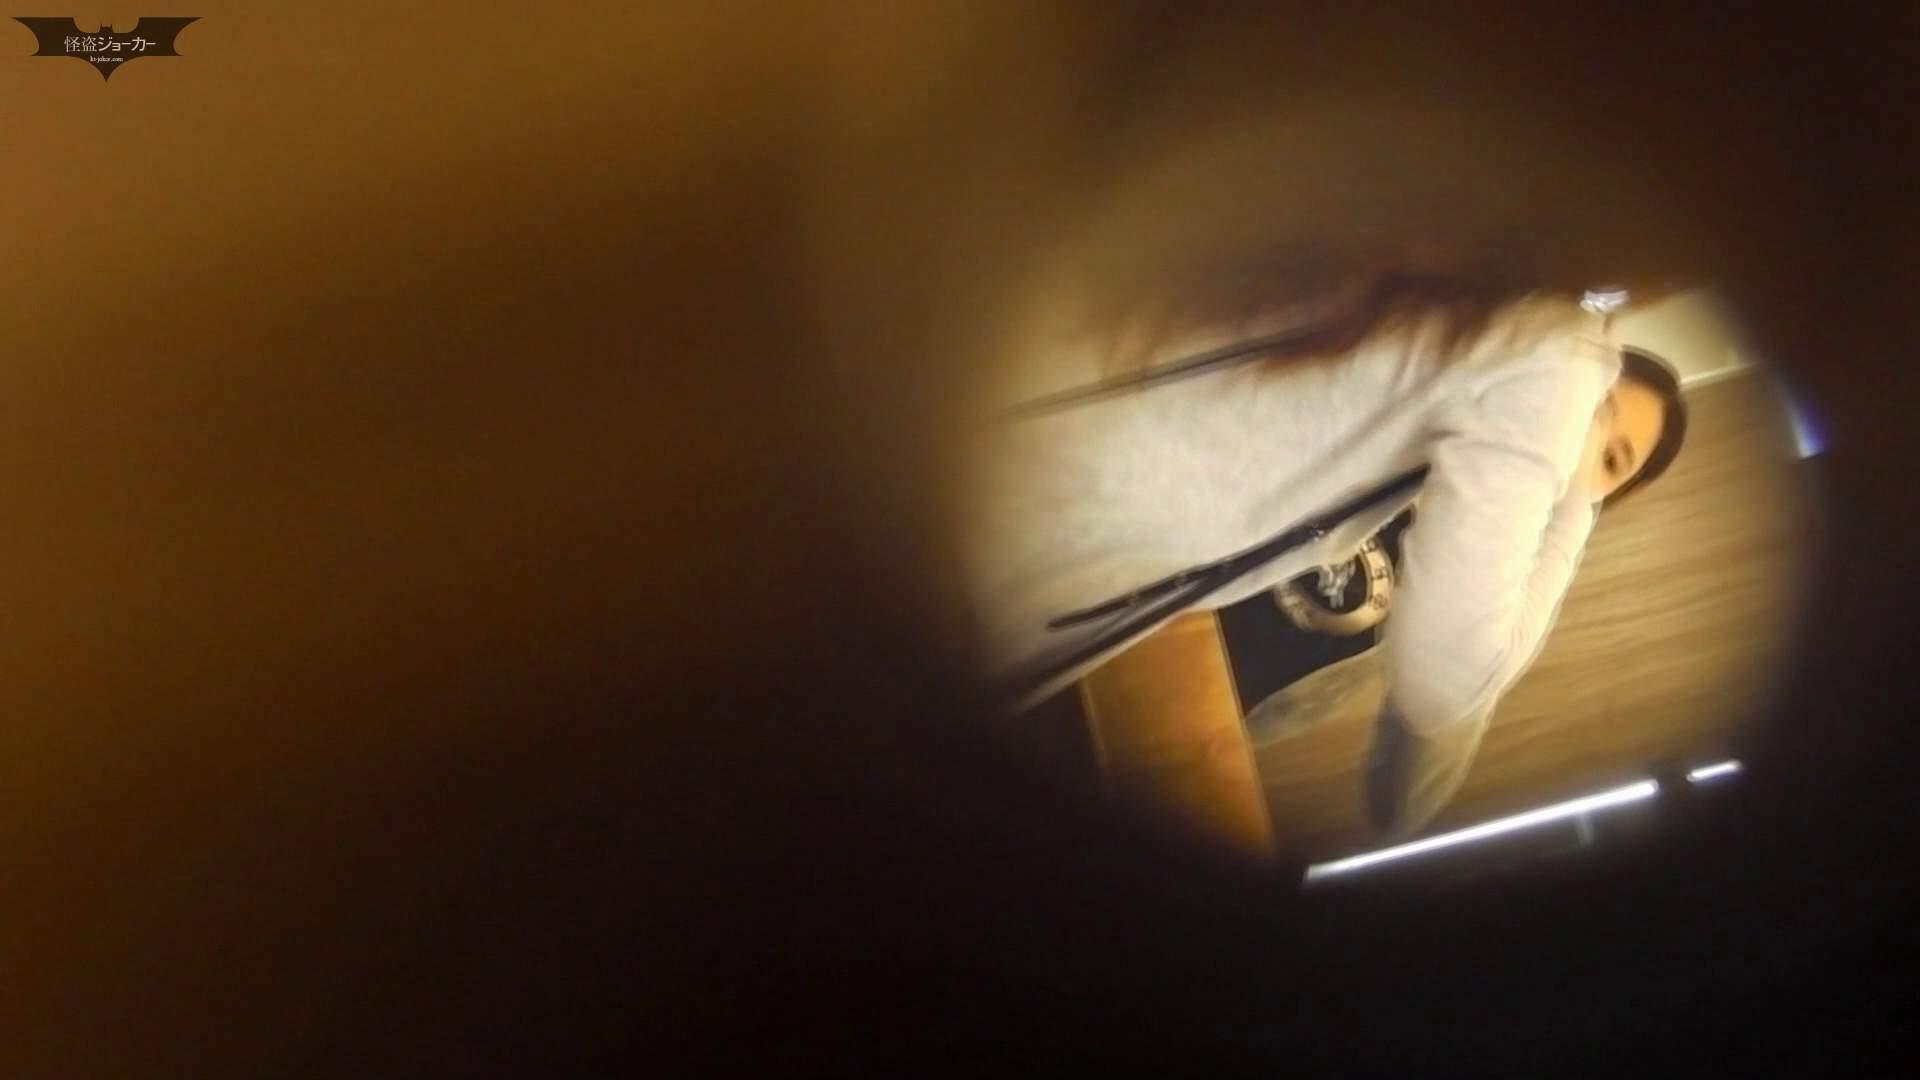 阿国ちゃんの和式洋式七変化 Vol.26 女子会開催でJD大集合! 和式 盗撮 89PIX 18